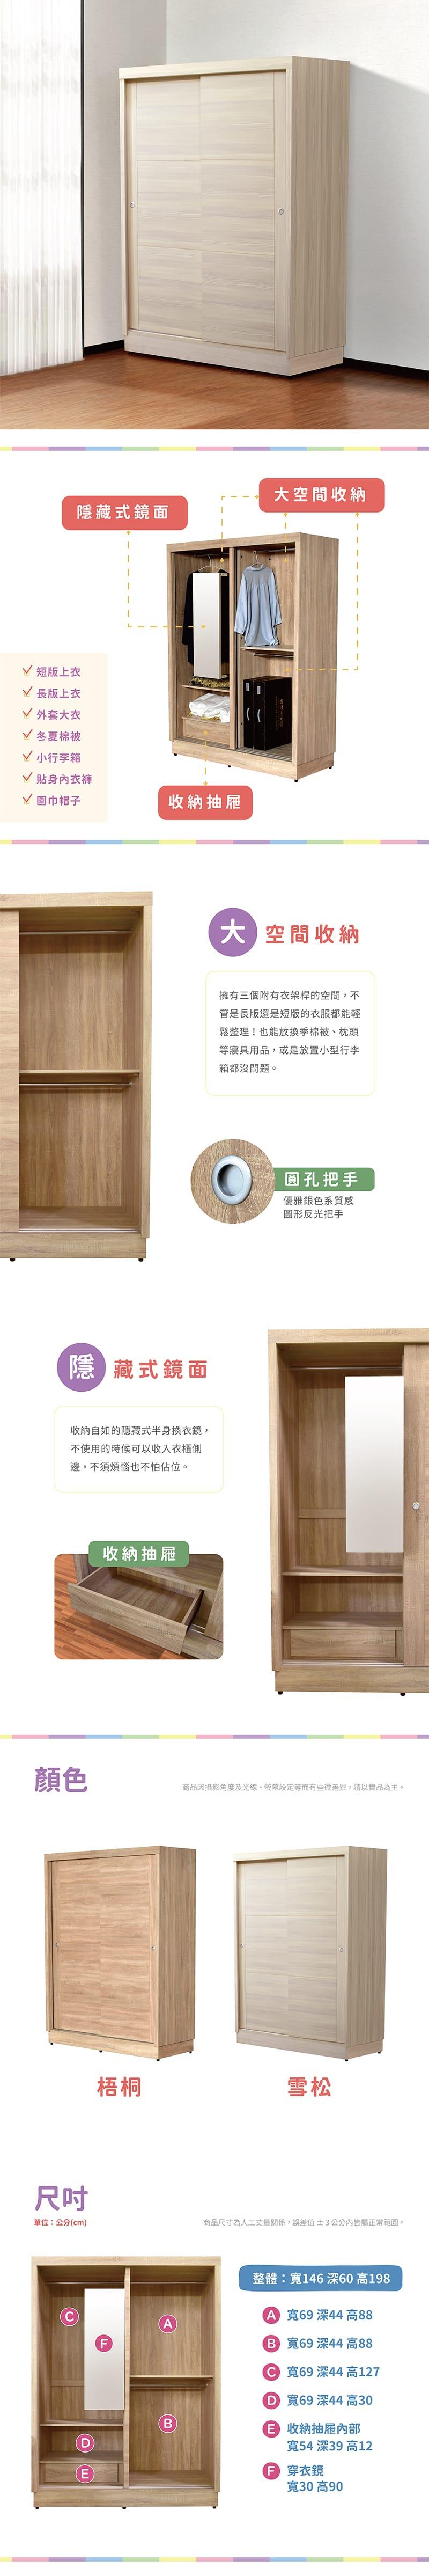 滑門收納置物衣櫃 寬146cm【澤田】